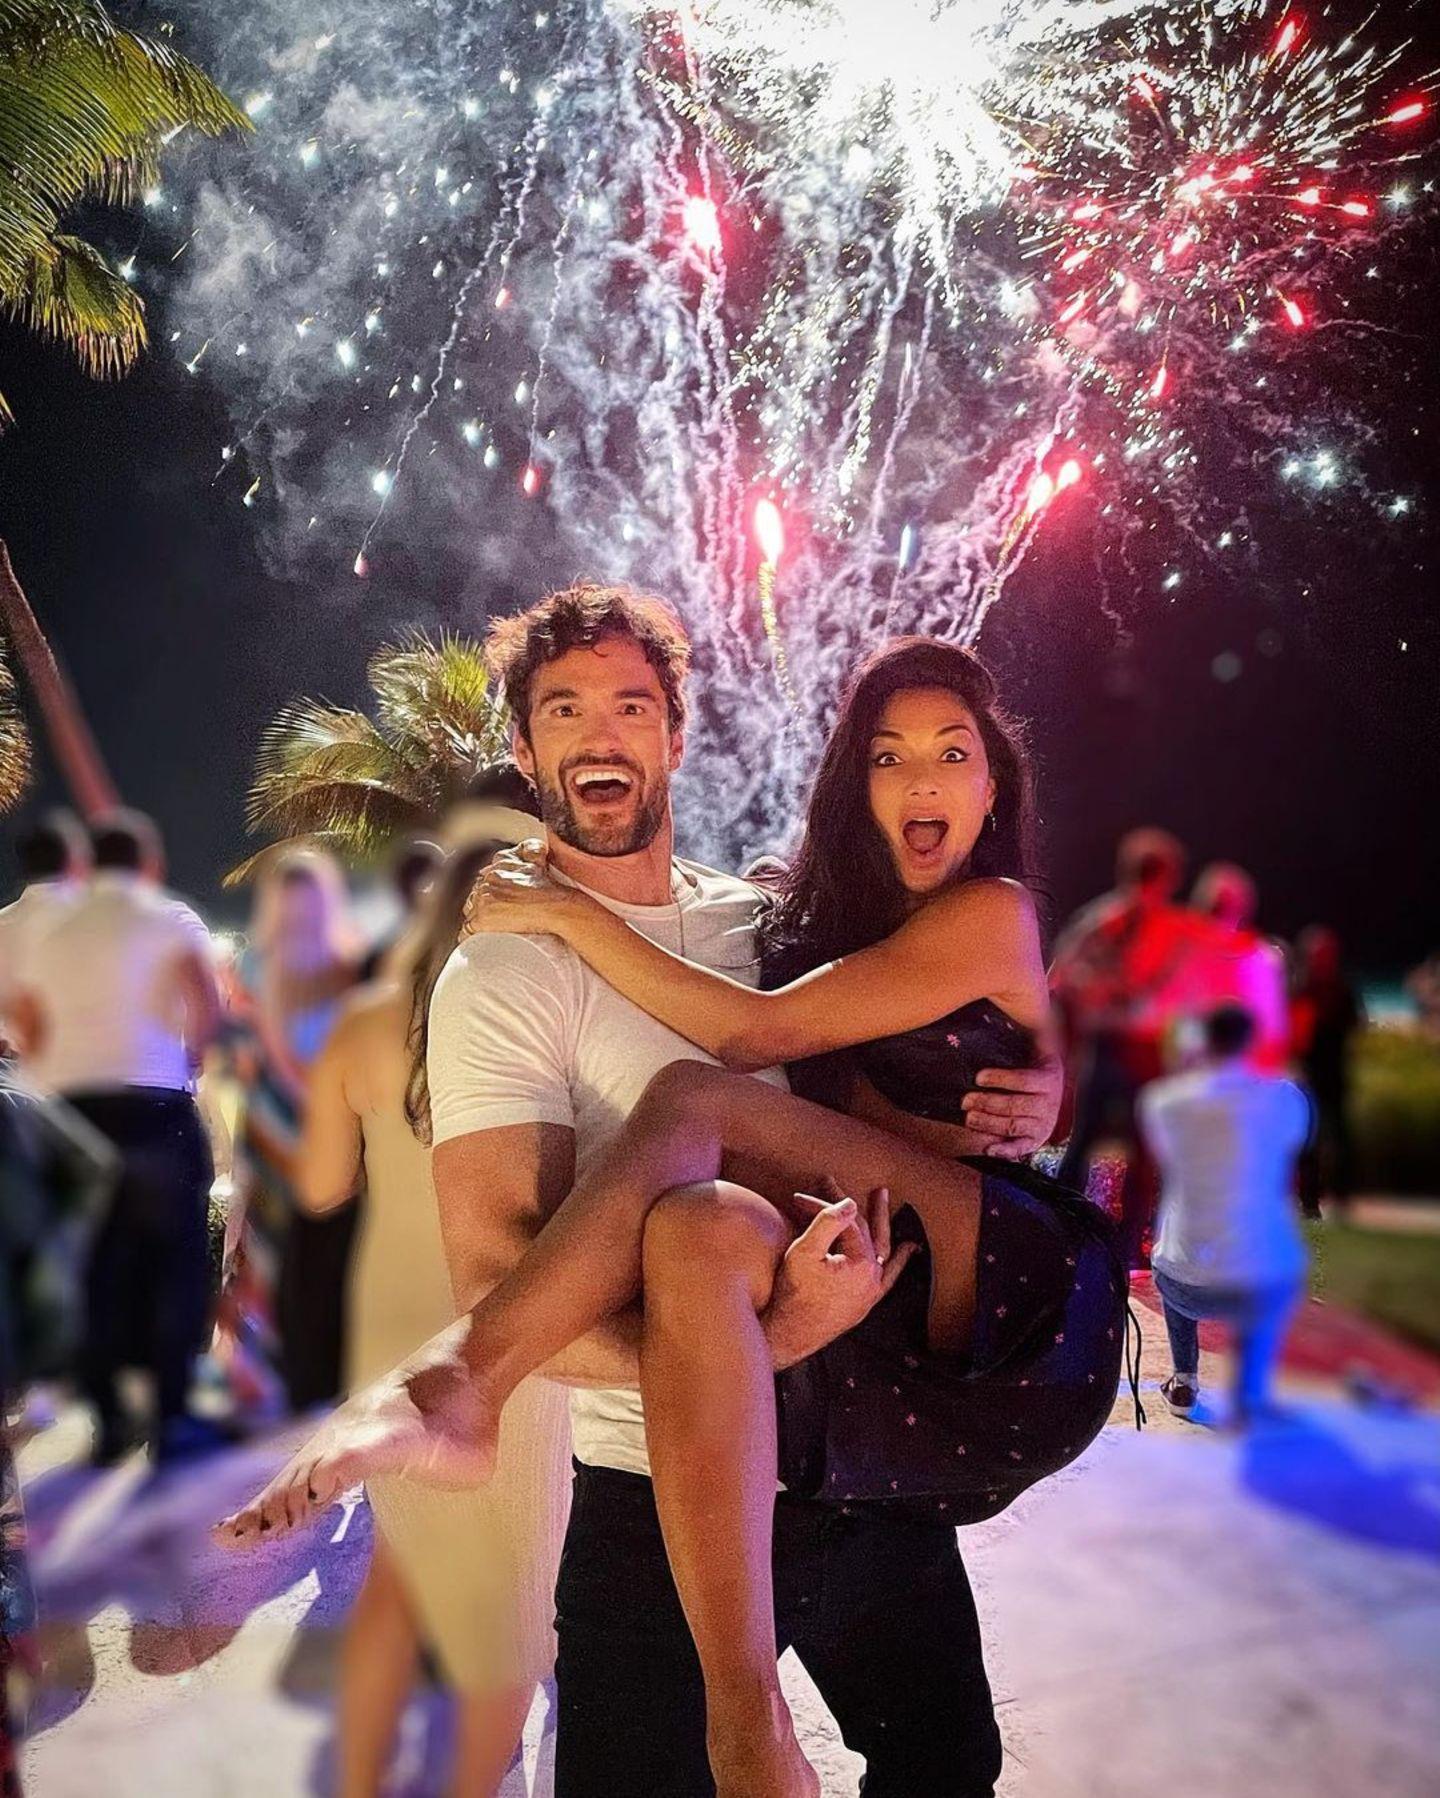 Bei Nicole Scherzinger und Thom Evans sieht es schon mehr nach eine großen Silvester-Party aus.